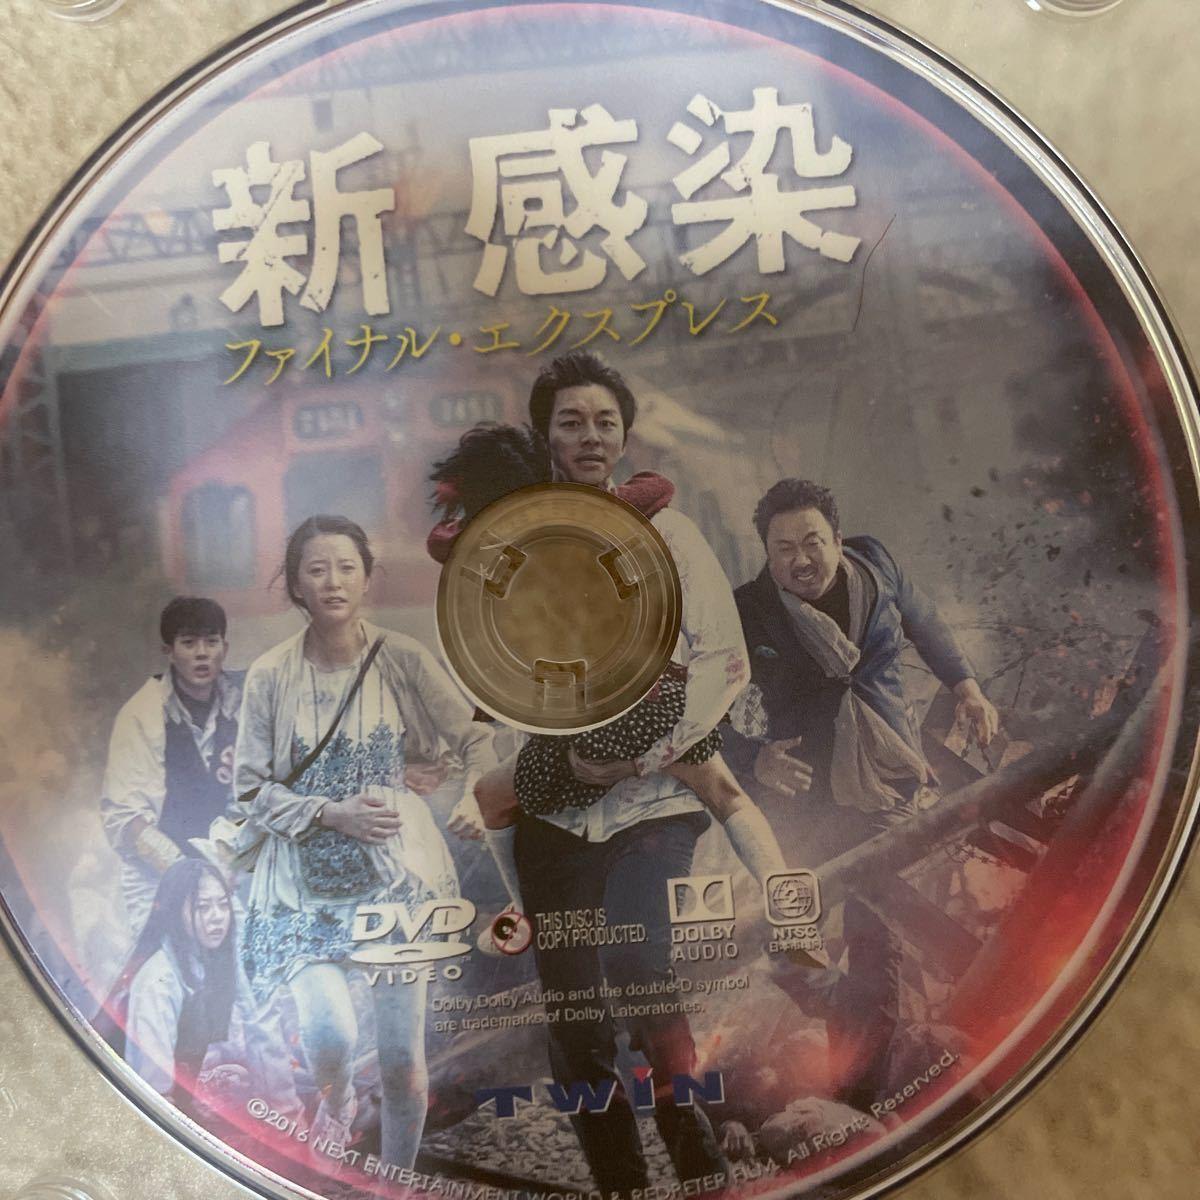 新感染 DVD 韓国映画